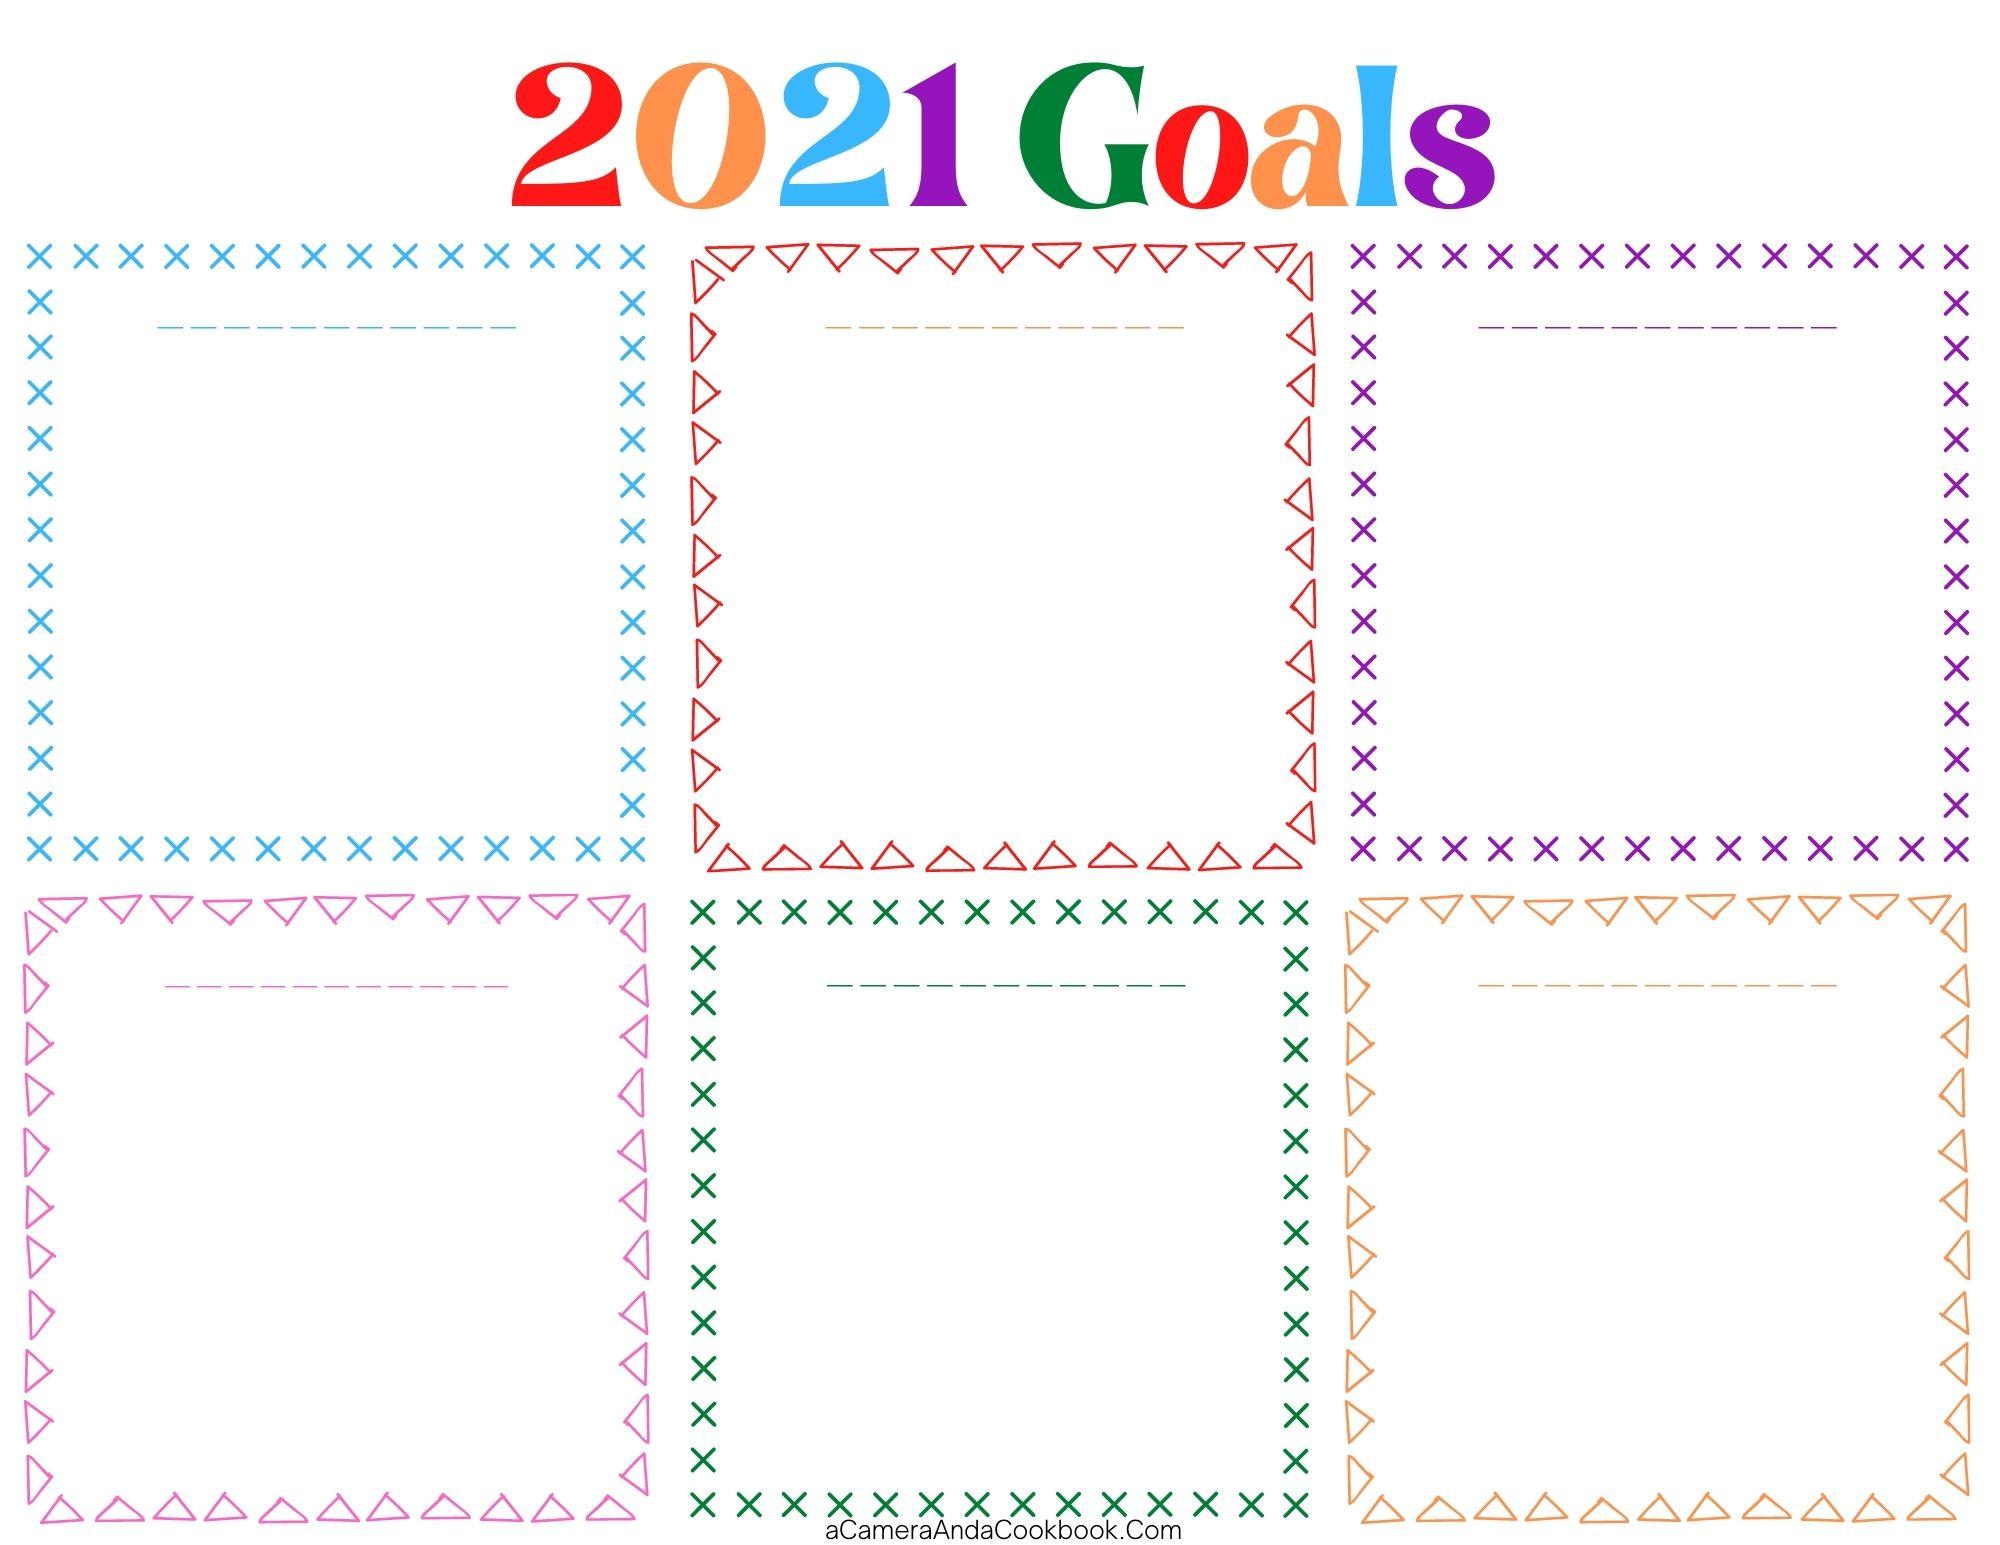 2021 Goals Color Blank - PDF